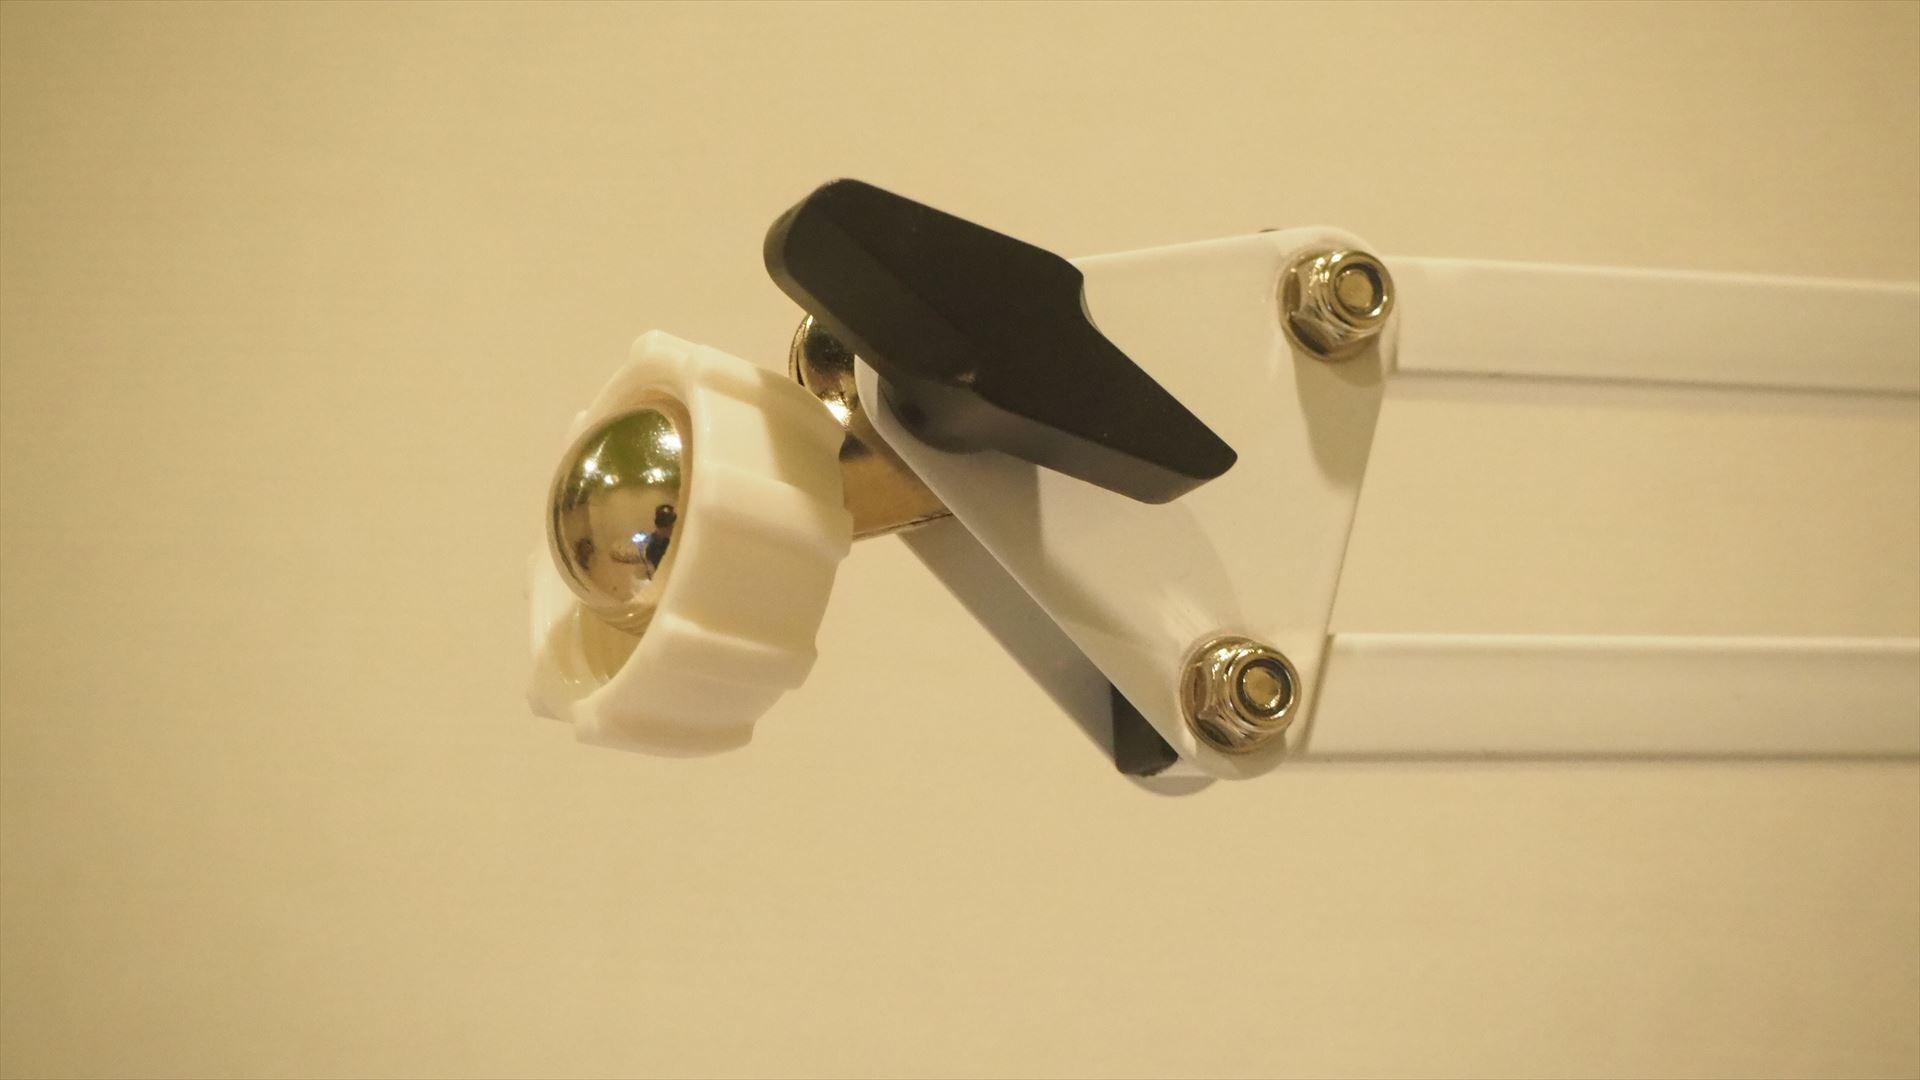 ホルダーについている固定ネジを外して、銀色の球体部分に通す